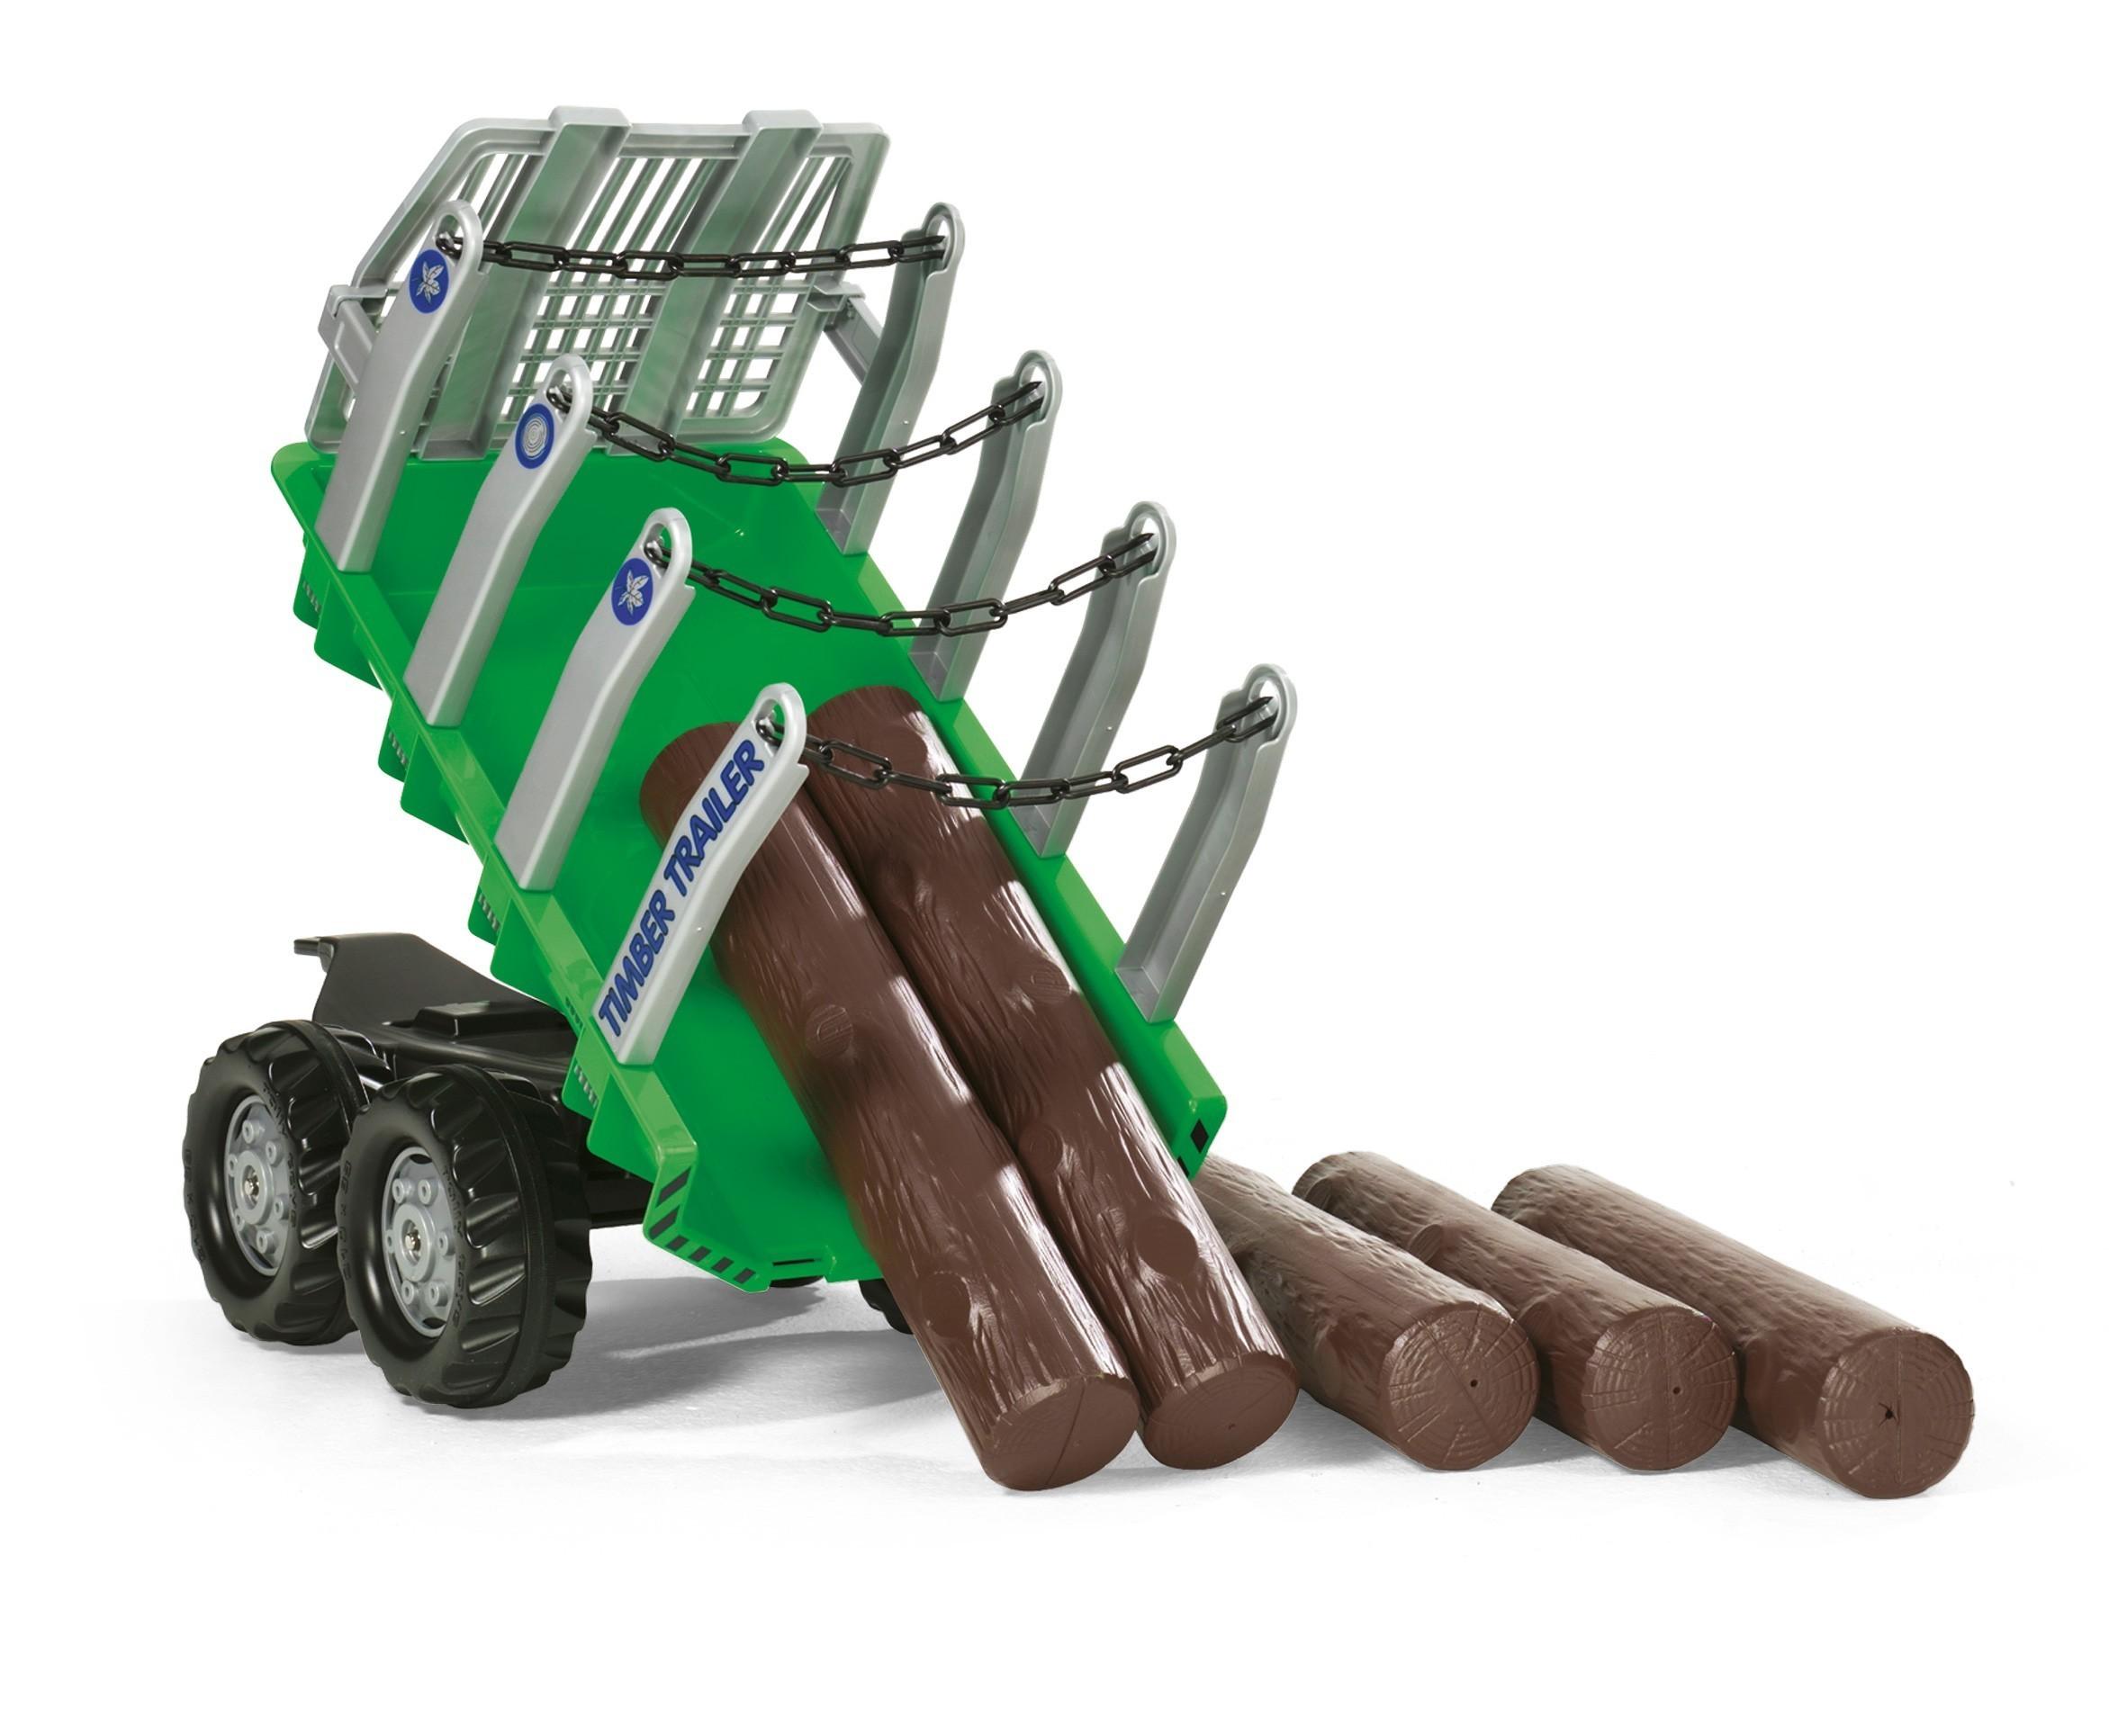 Anhänger für Tretfahrzeug rolly Timber Trailer - Rolly Toys Bild 2